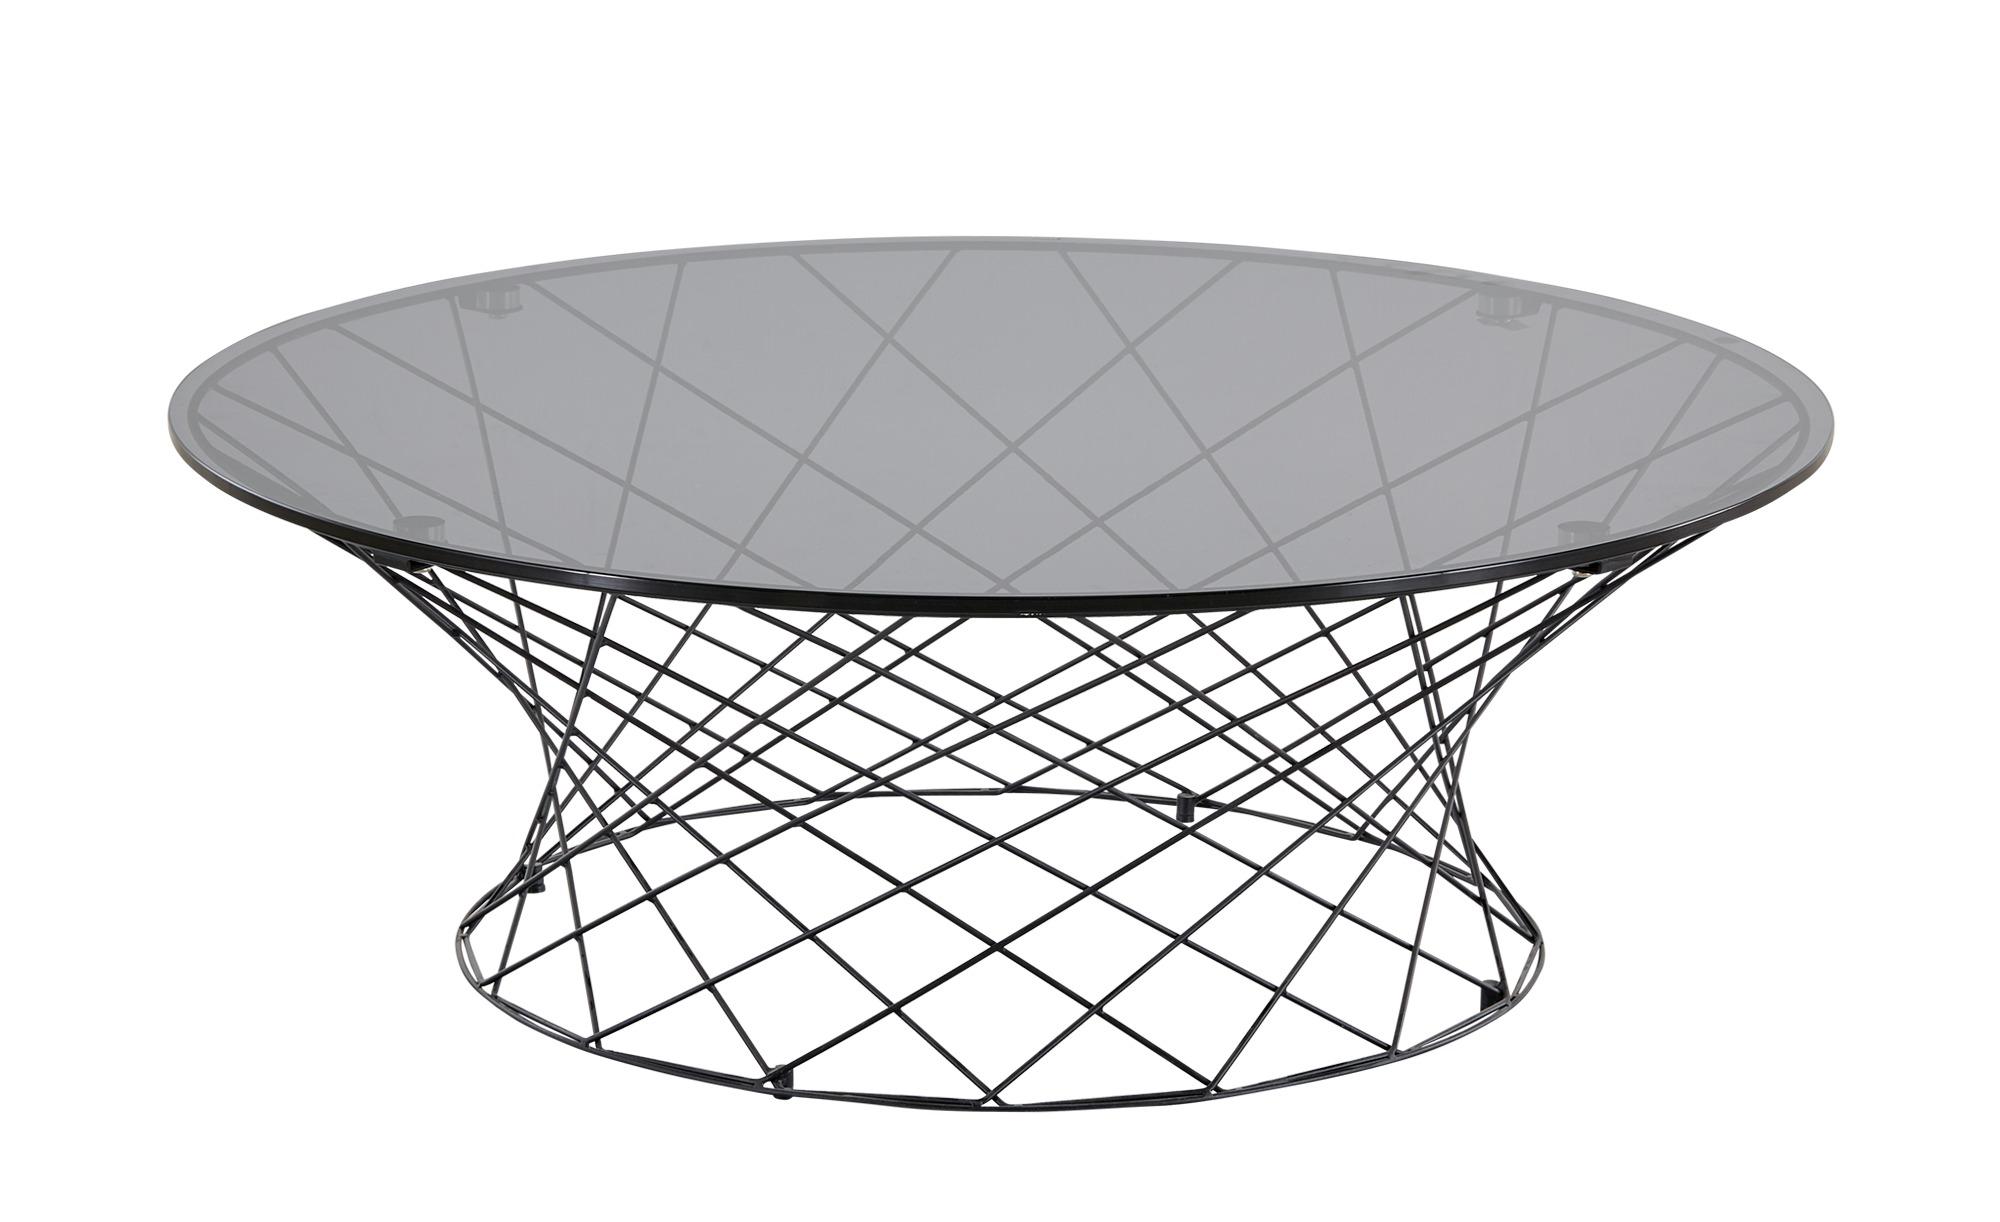 Couchtisch Massivholz Eiche Beistelltische Auf Rollen Glas Couchtisch Design Couchtisch Hohenverstellbar Ausziehba Couchtisch Couchtisch Massivholz Tisch